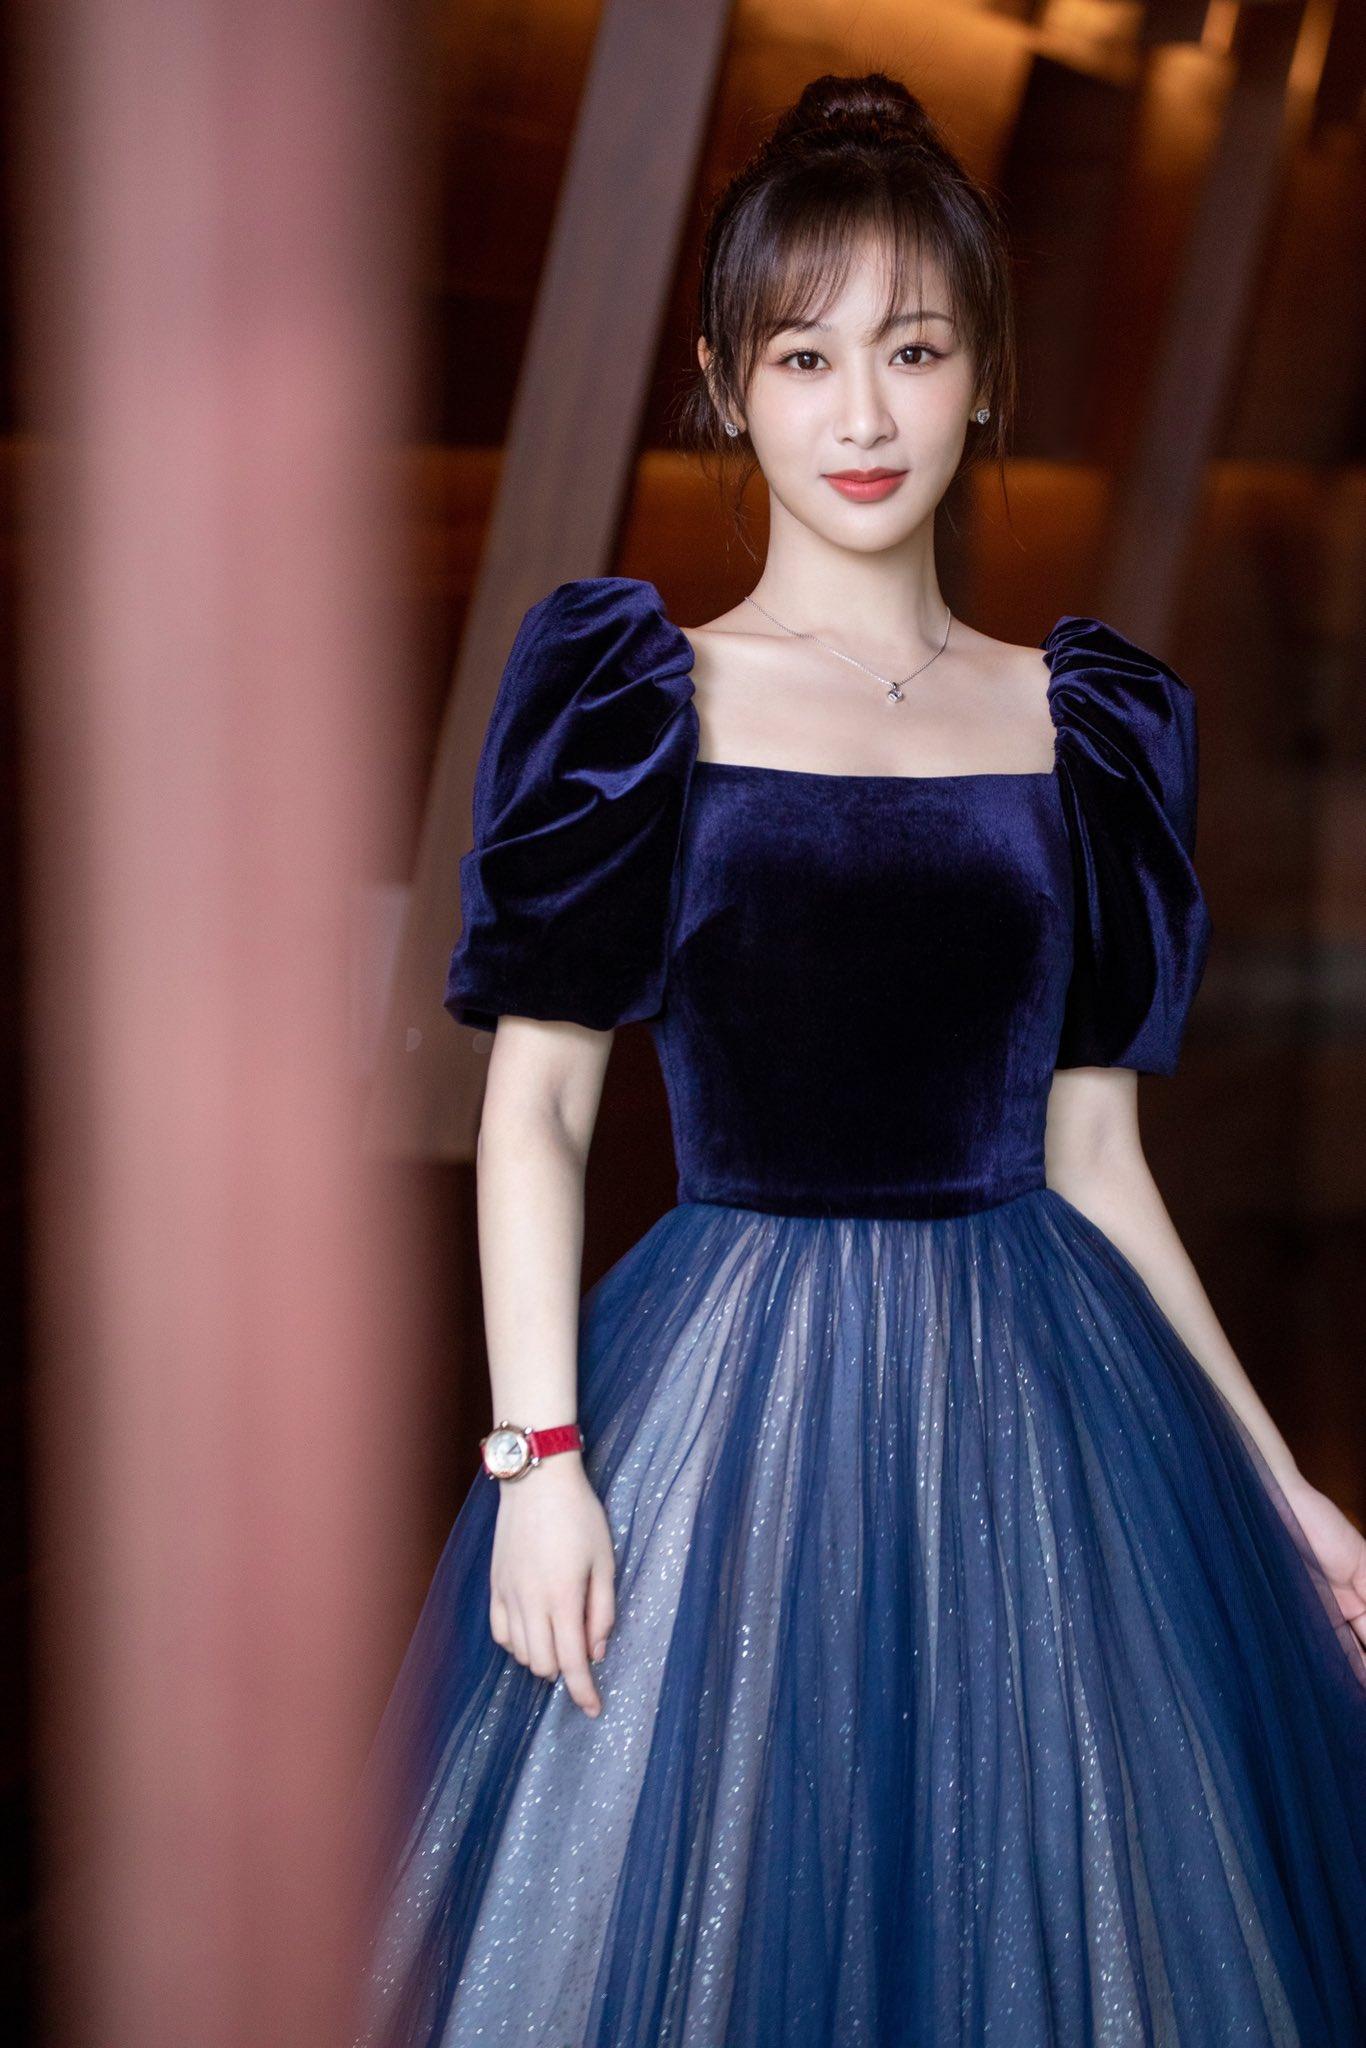 Nói về khoản 'mặc xấu' hiếm ai qua mặt được Dương Tử, chị có thù với stylist hay gì? 14